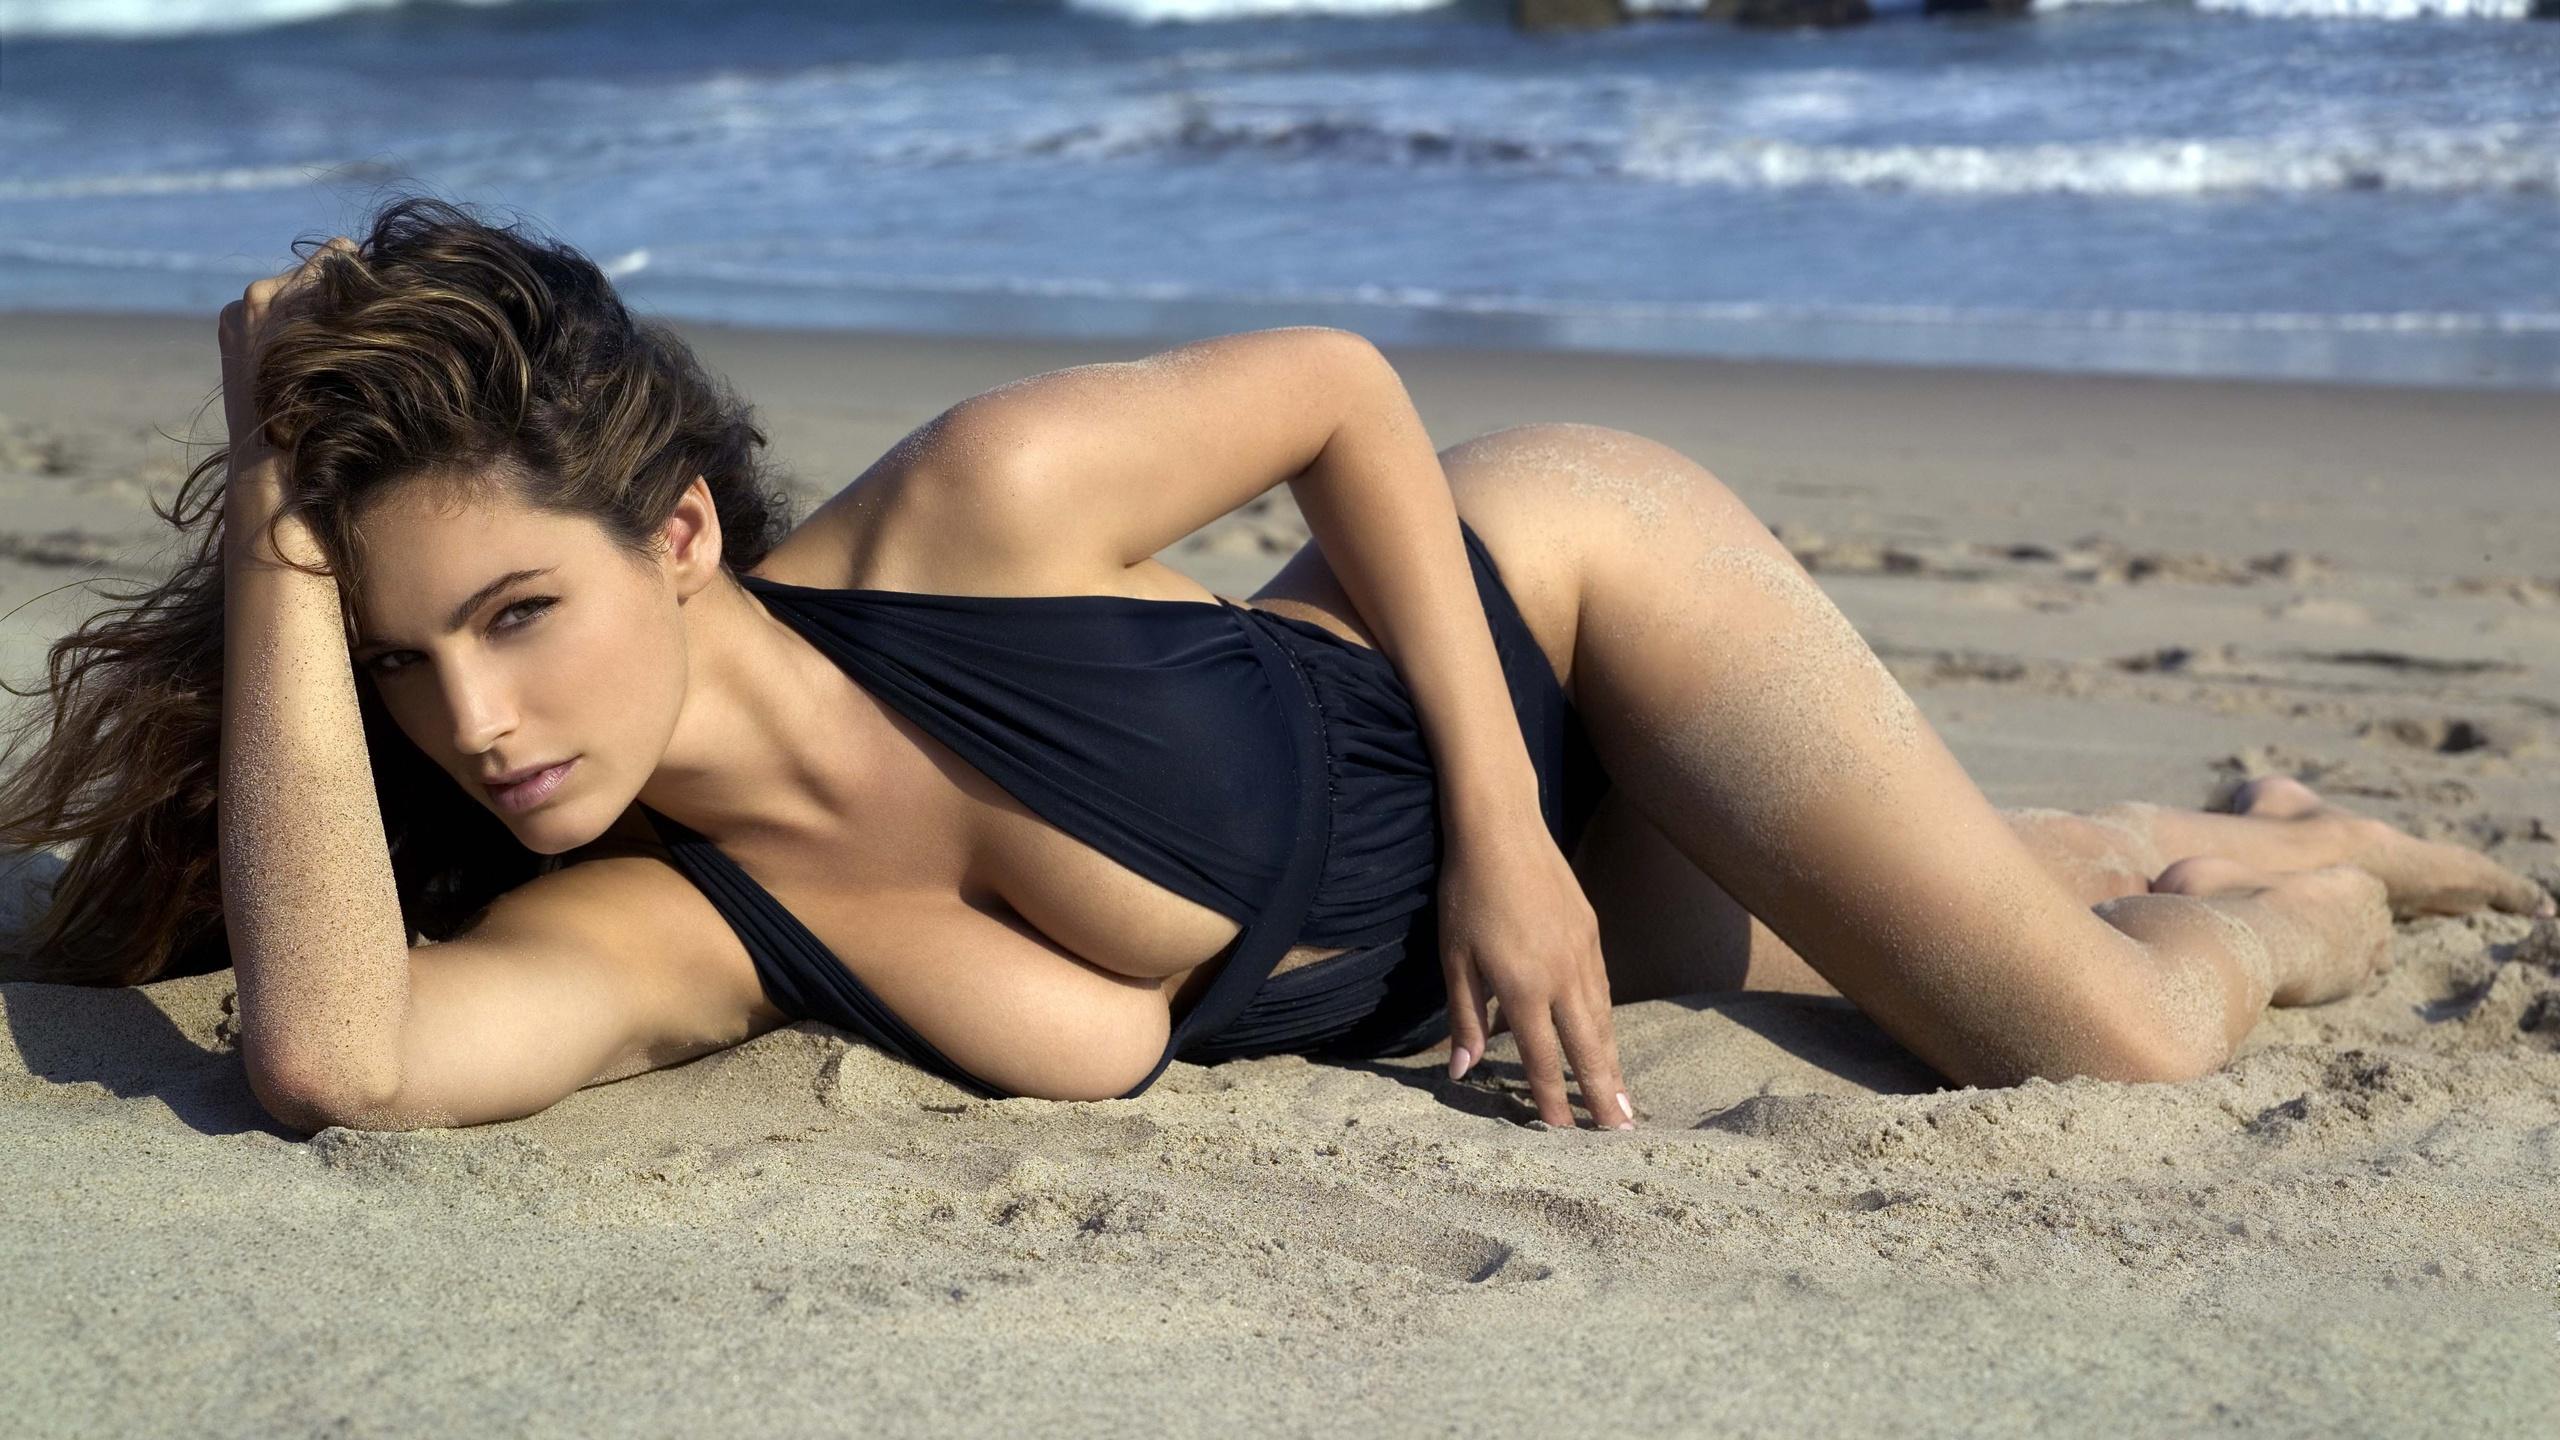 Горячие тела на пляже, женские пизды видео смотреть онлайн